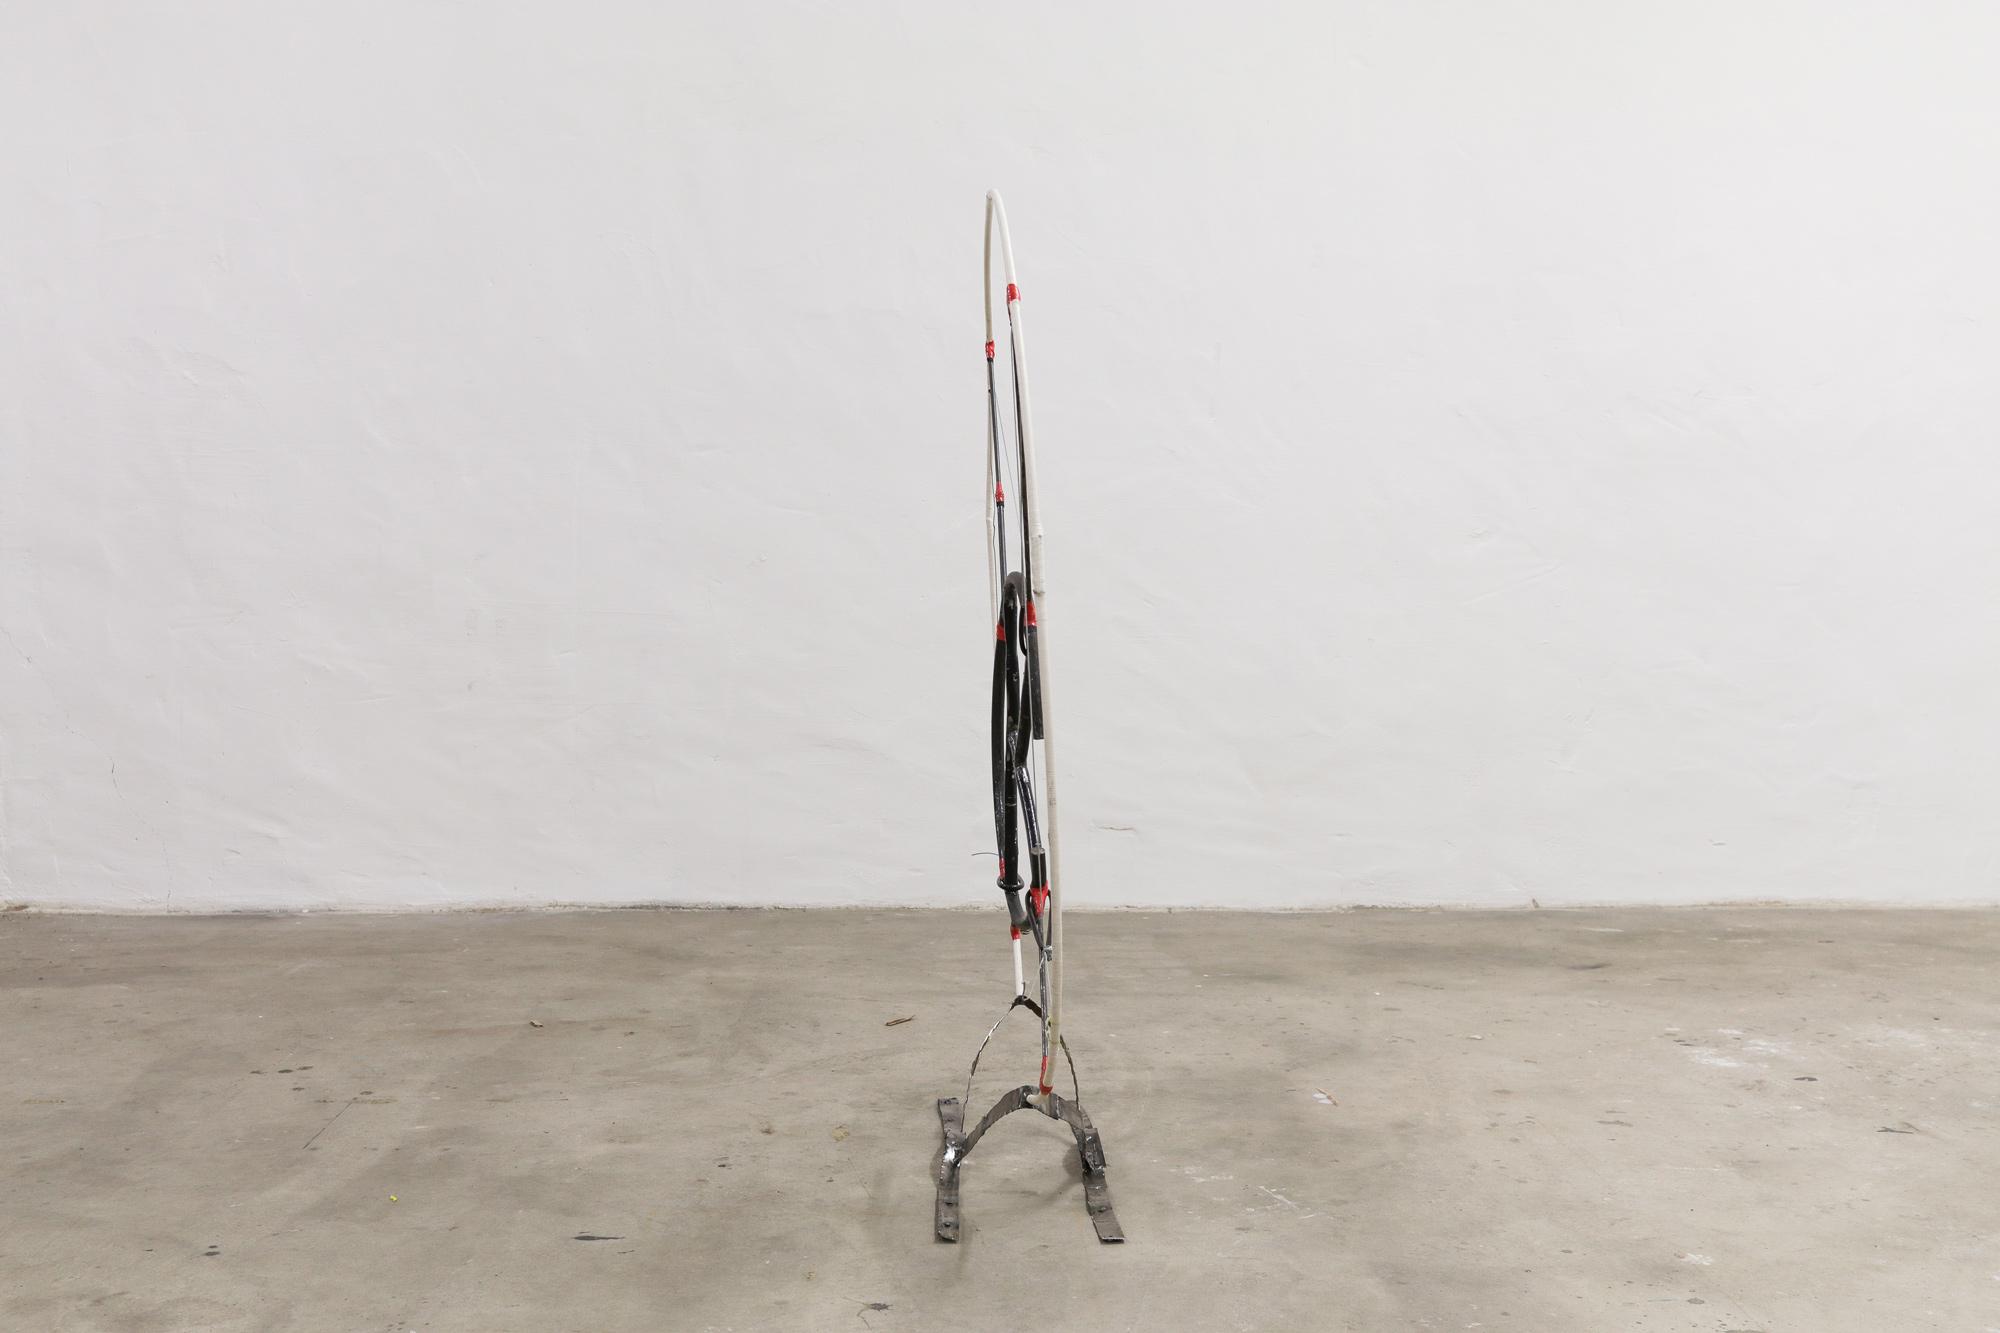 CK │ metal, plastic │ 2018-19 │ 120cm x 100cm x 20cm